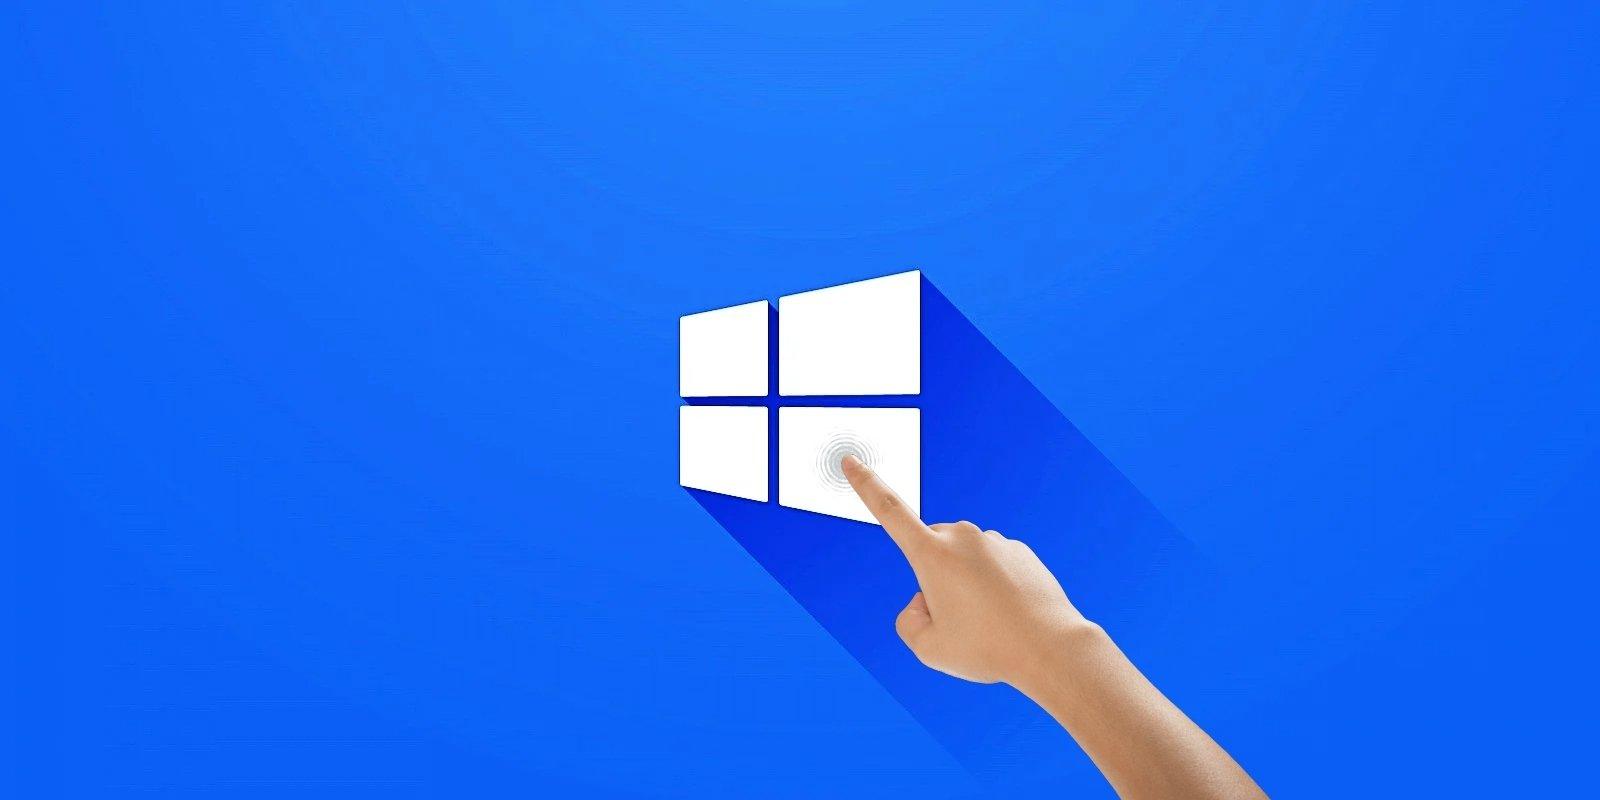 Хакеры используют команду Windows Finger для загрузки вредоносов